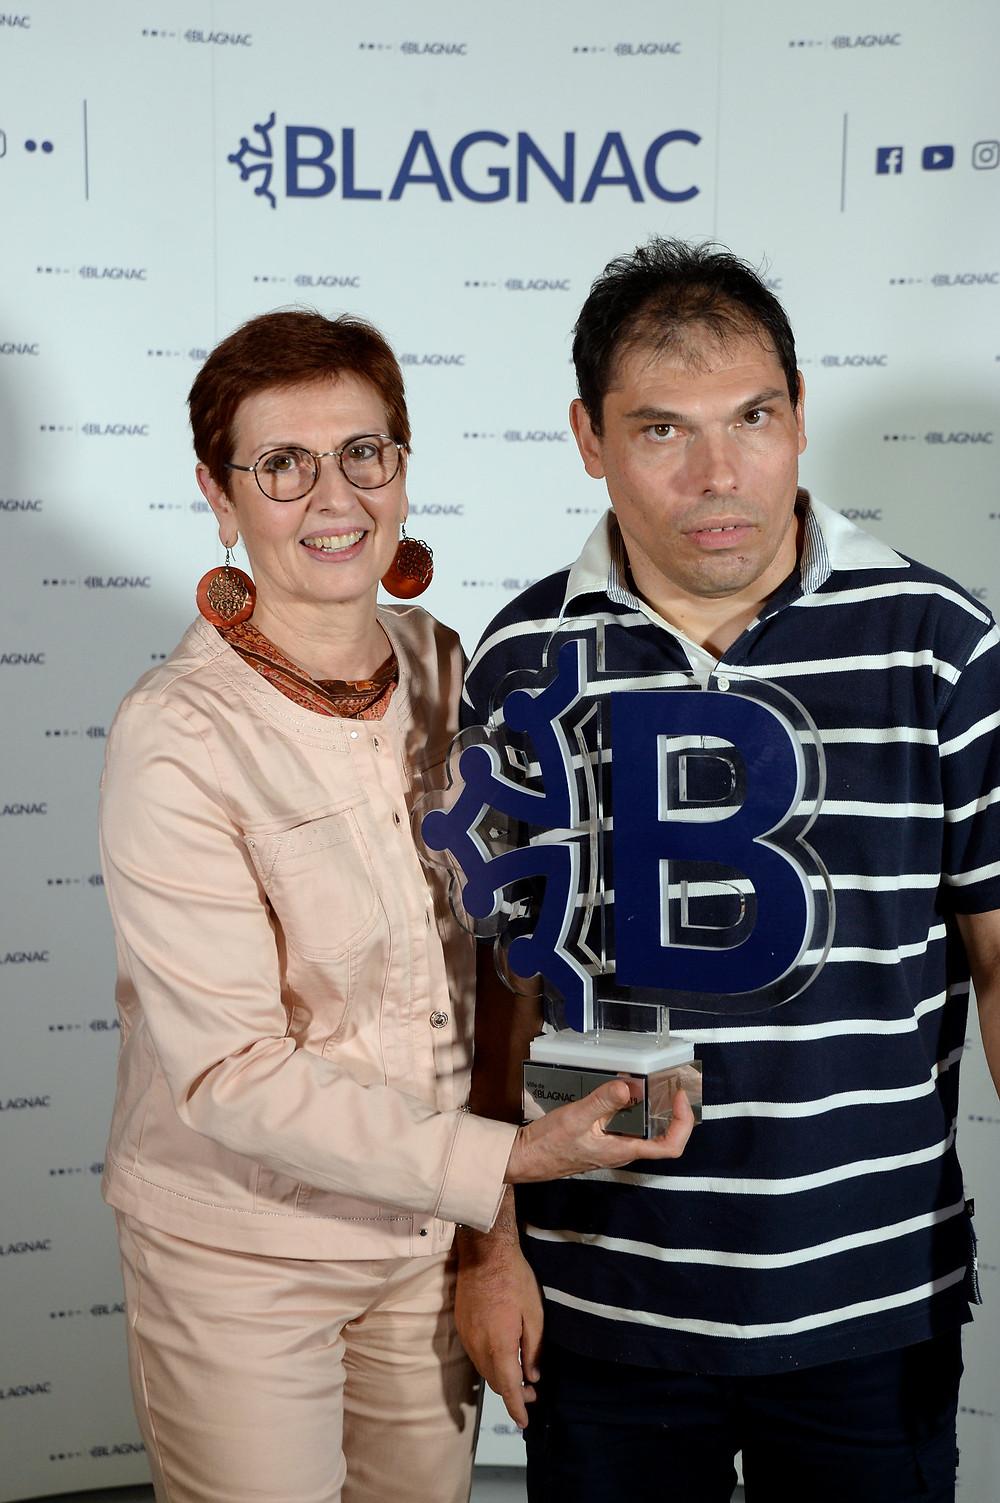 Elisabeth Pélissier et Pierre reçoivent le trophée de la ville de Blagnac au nom de l'association